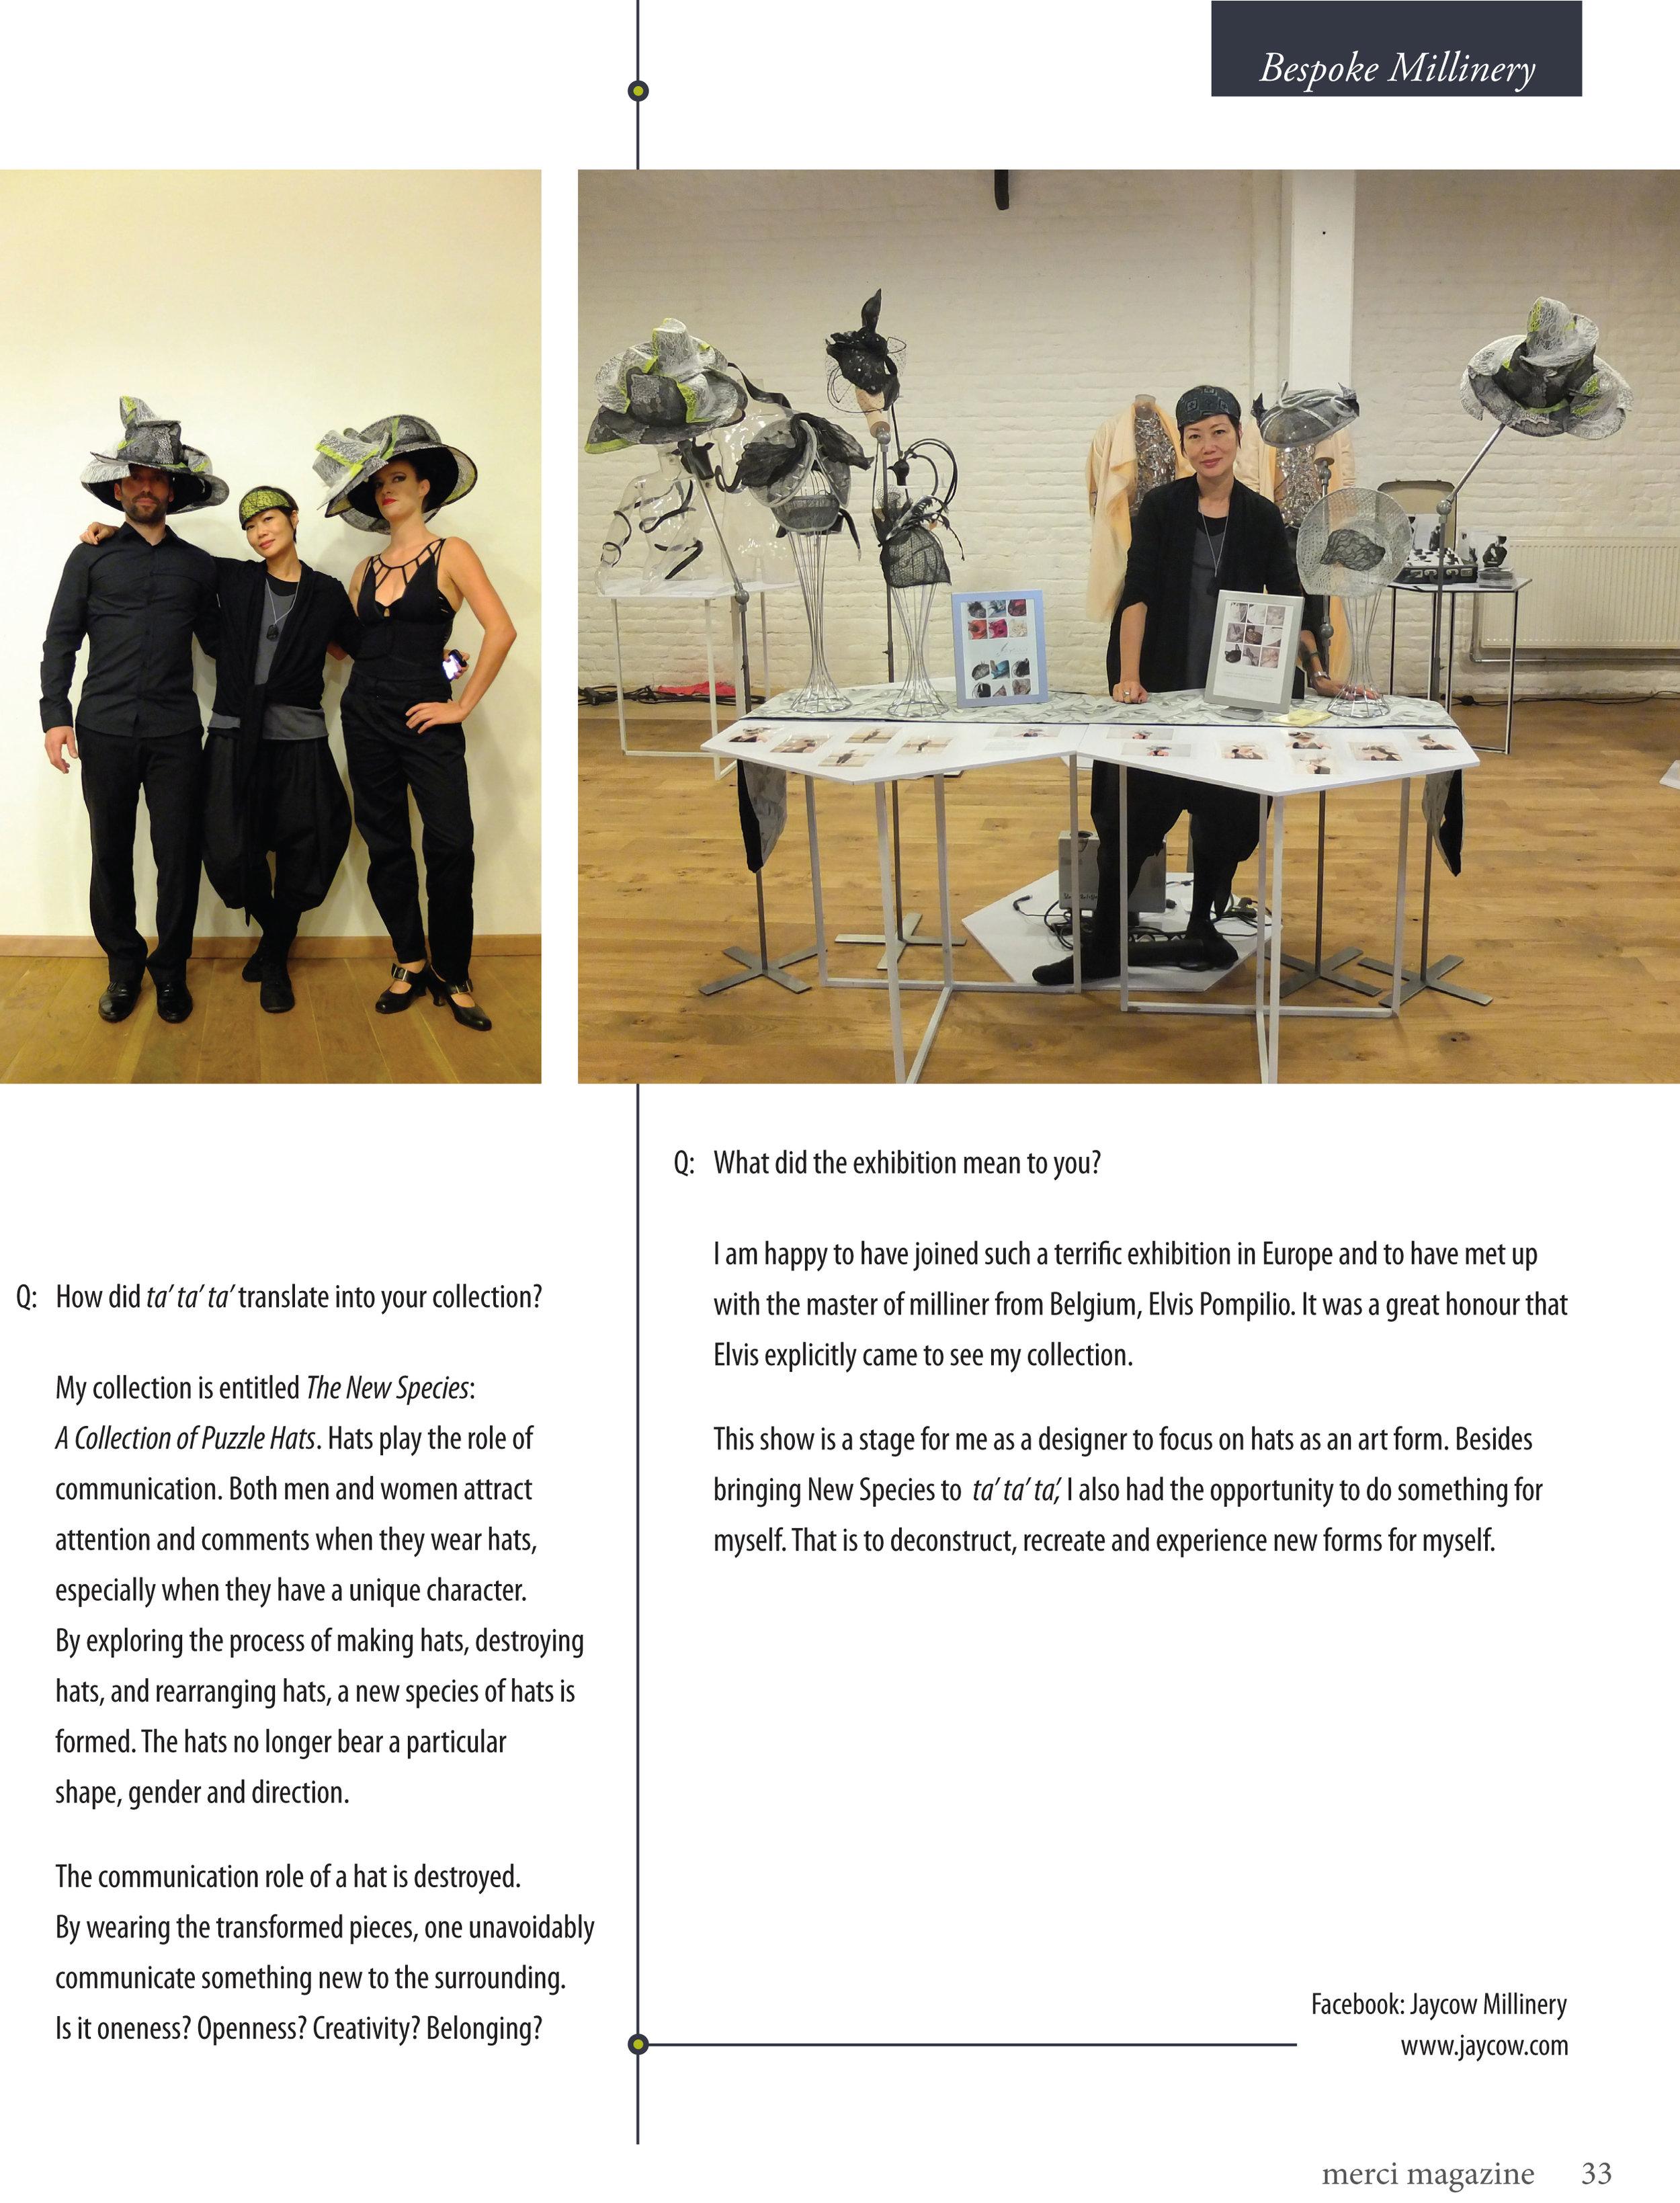 merci novembre 2013-Jay-7.jpg